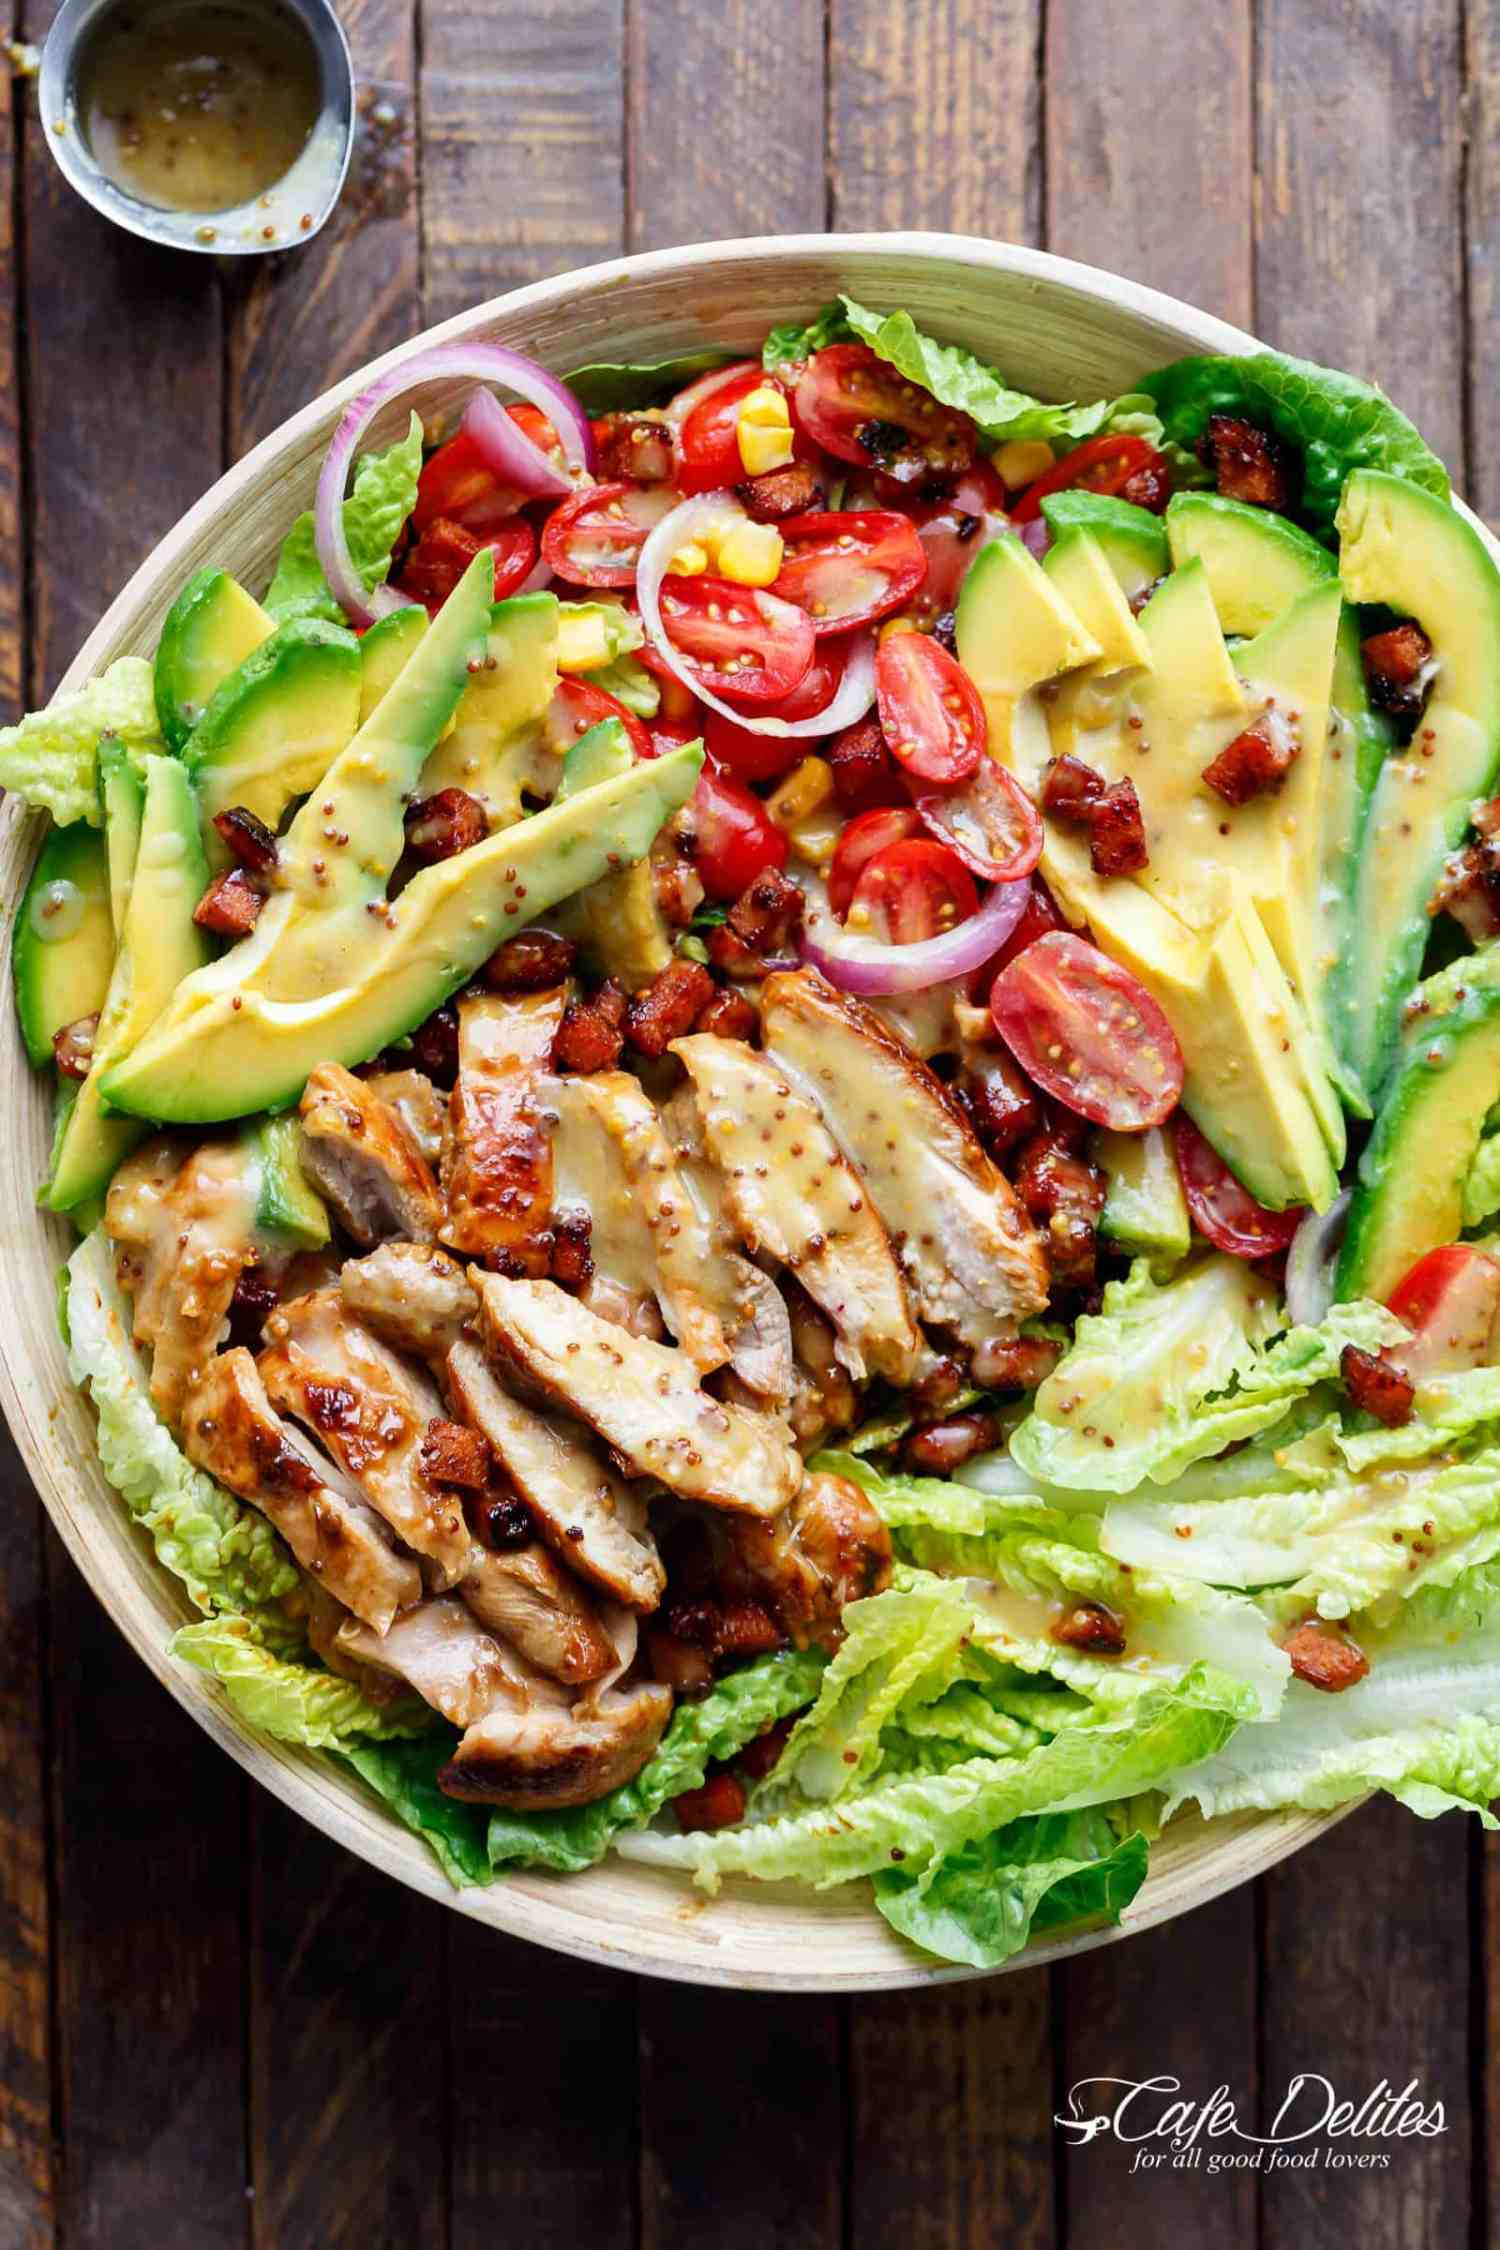 Chicken Salad with Avocado & Bacon